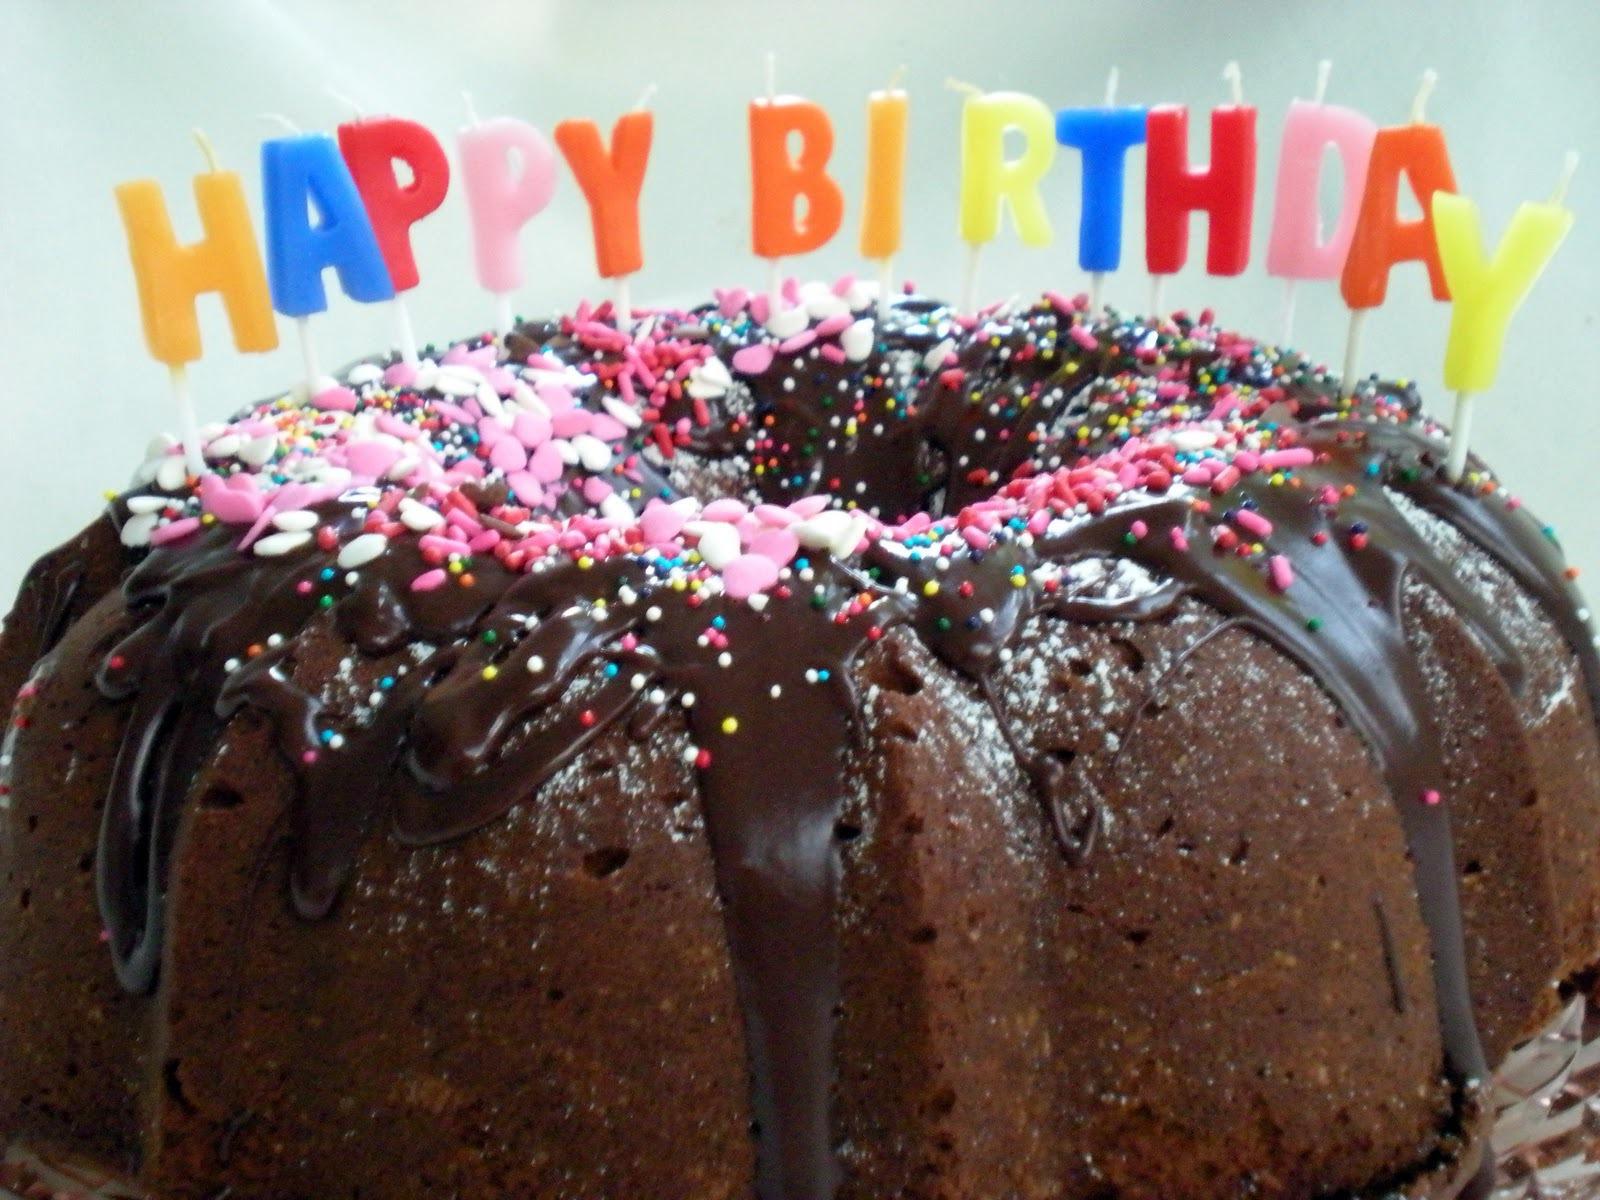 Шоколадный торт ко дню рождения - С Днем Рождения поздравительные картинки